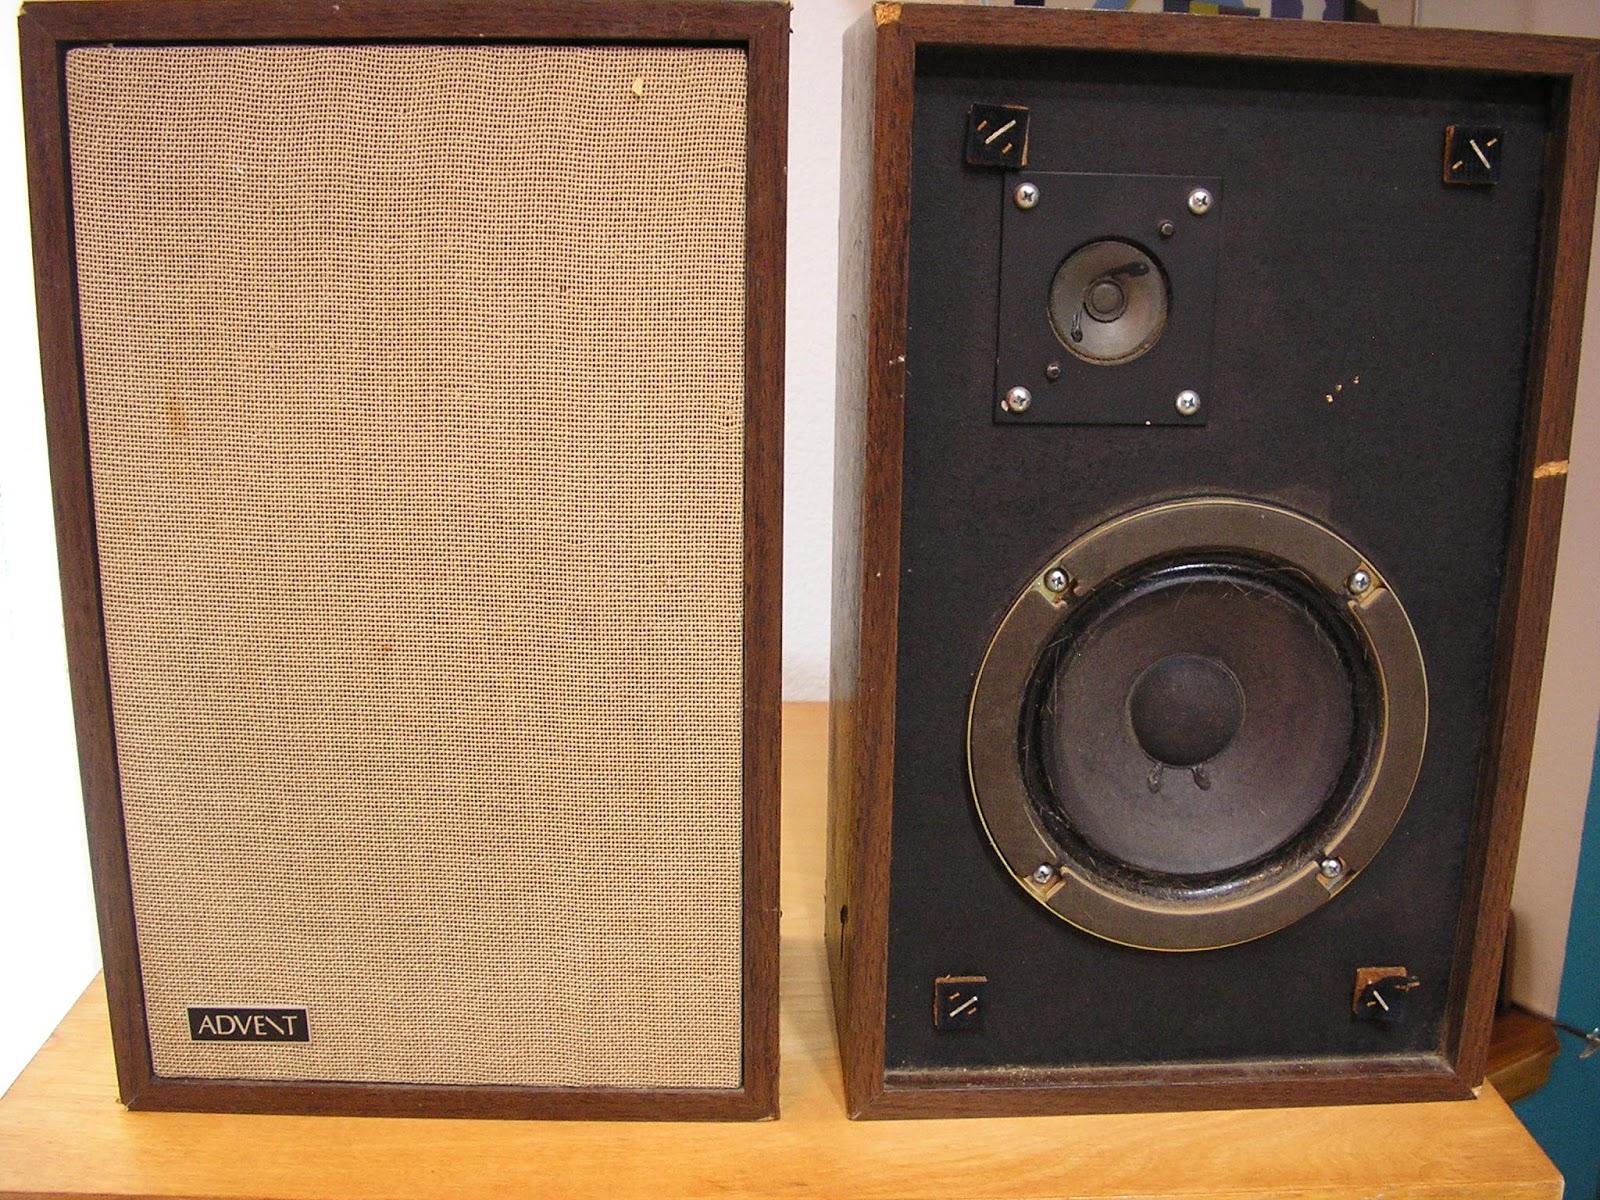 advent vintage speakers masturbation network